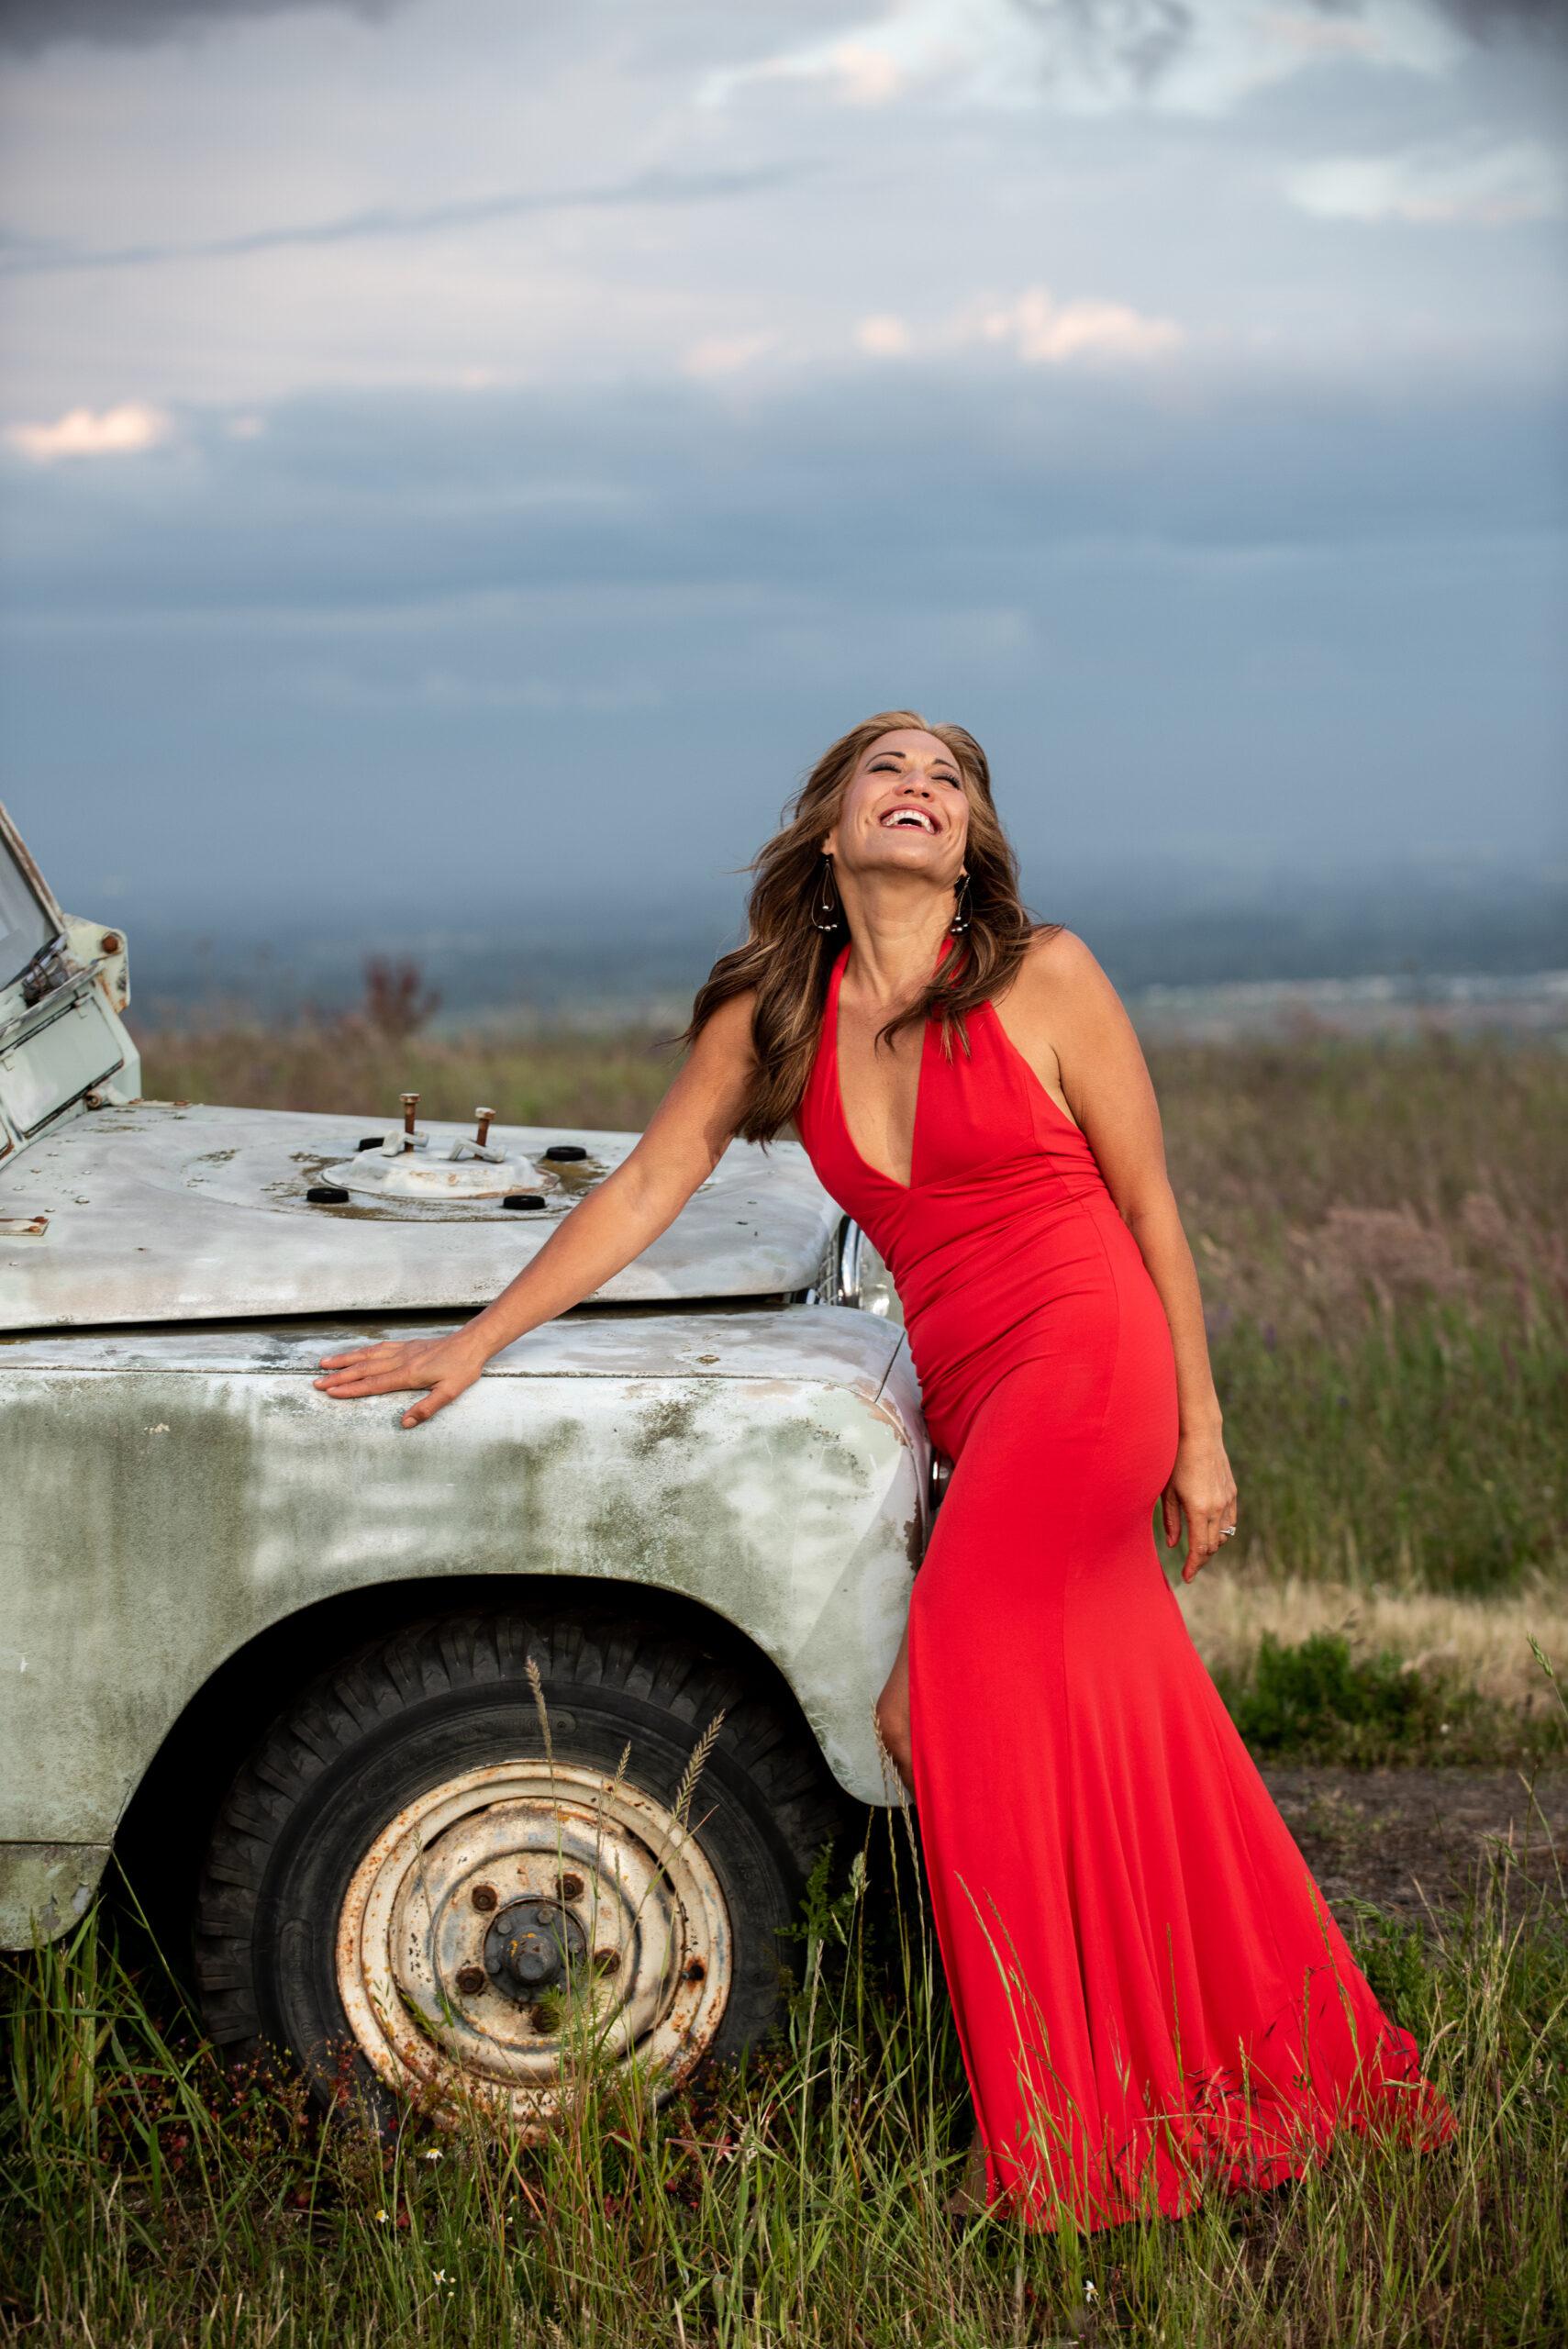 Jazz Singer Billie Eidson